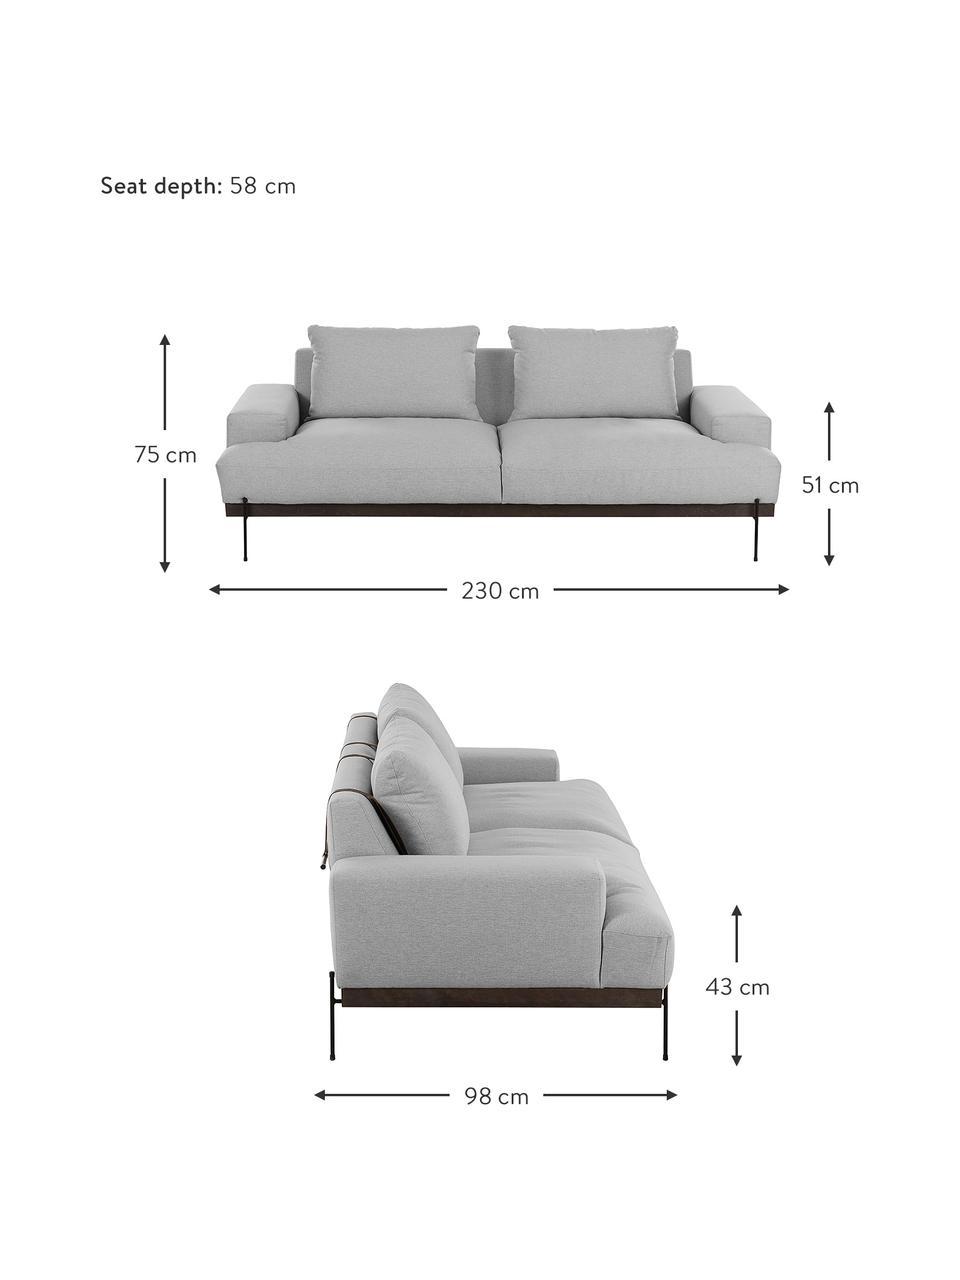 Sofa Brooks (3-Sitzer) in Grau mit Metall-Füßen, Bezug: Polyester Der Bezug ist n, Gestell: Kiefernholz, massiv, Rahmen: Kiefernholz, lackiert, Füße: Metall, pulverbeschichtet, Webstoff Grau, 230 x 75 cm